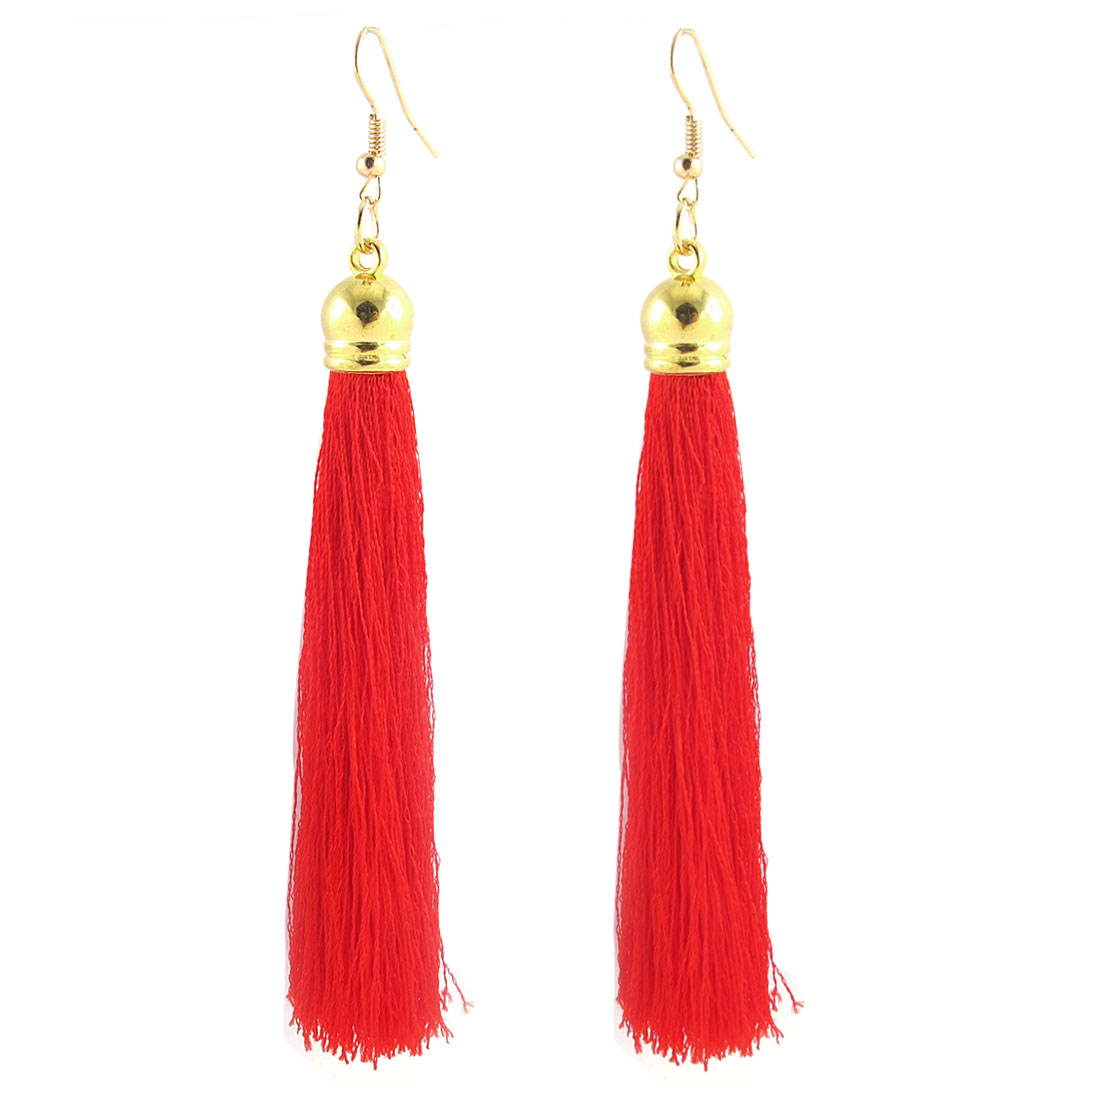 Boho Style Tassel Dangling Bead Detail Hook Earrings Eardrop Findings Pair Red